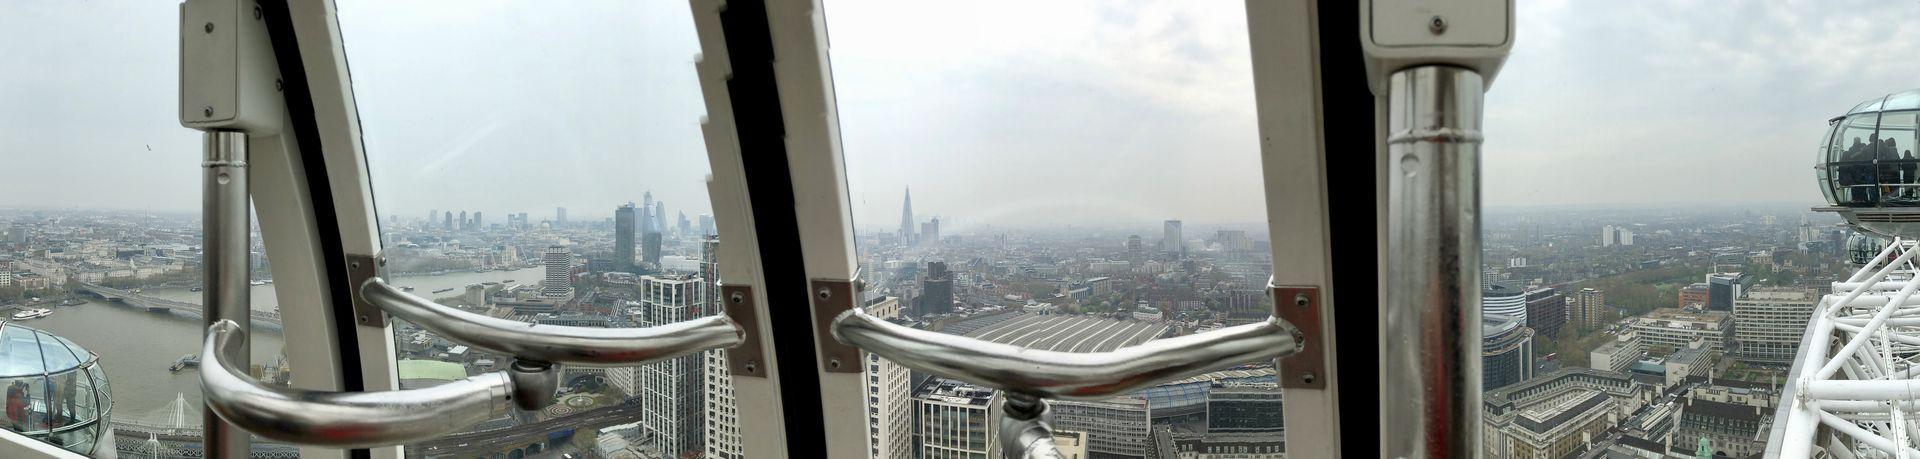 Rundum-Blick in luftiger Höhe: Den gibt es in dieser Form halt nur im London Eye.